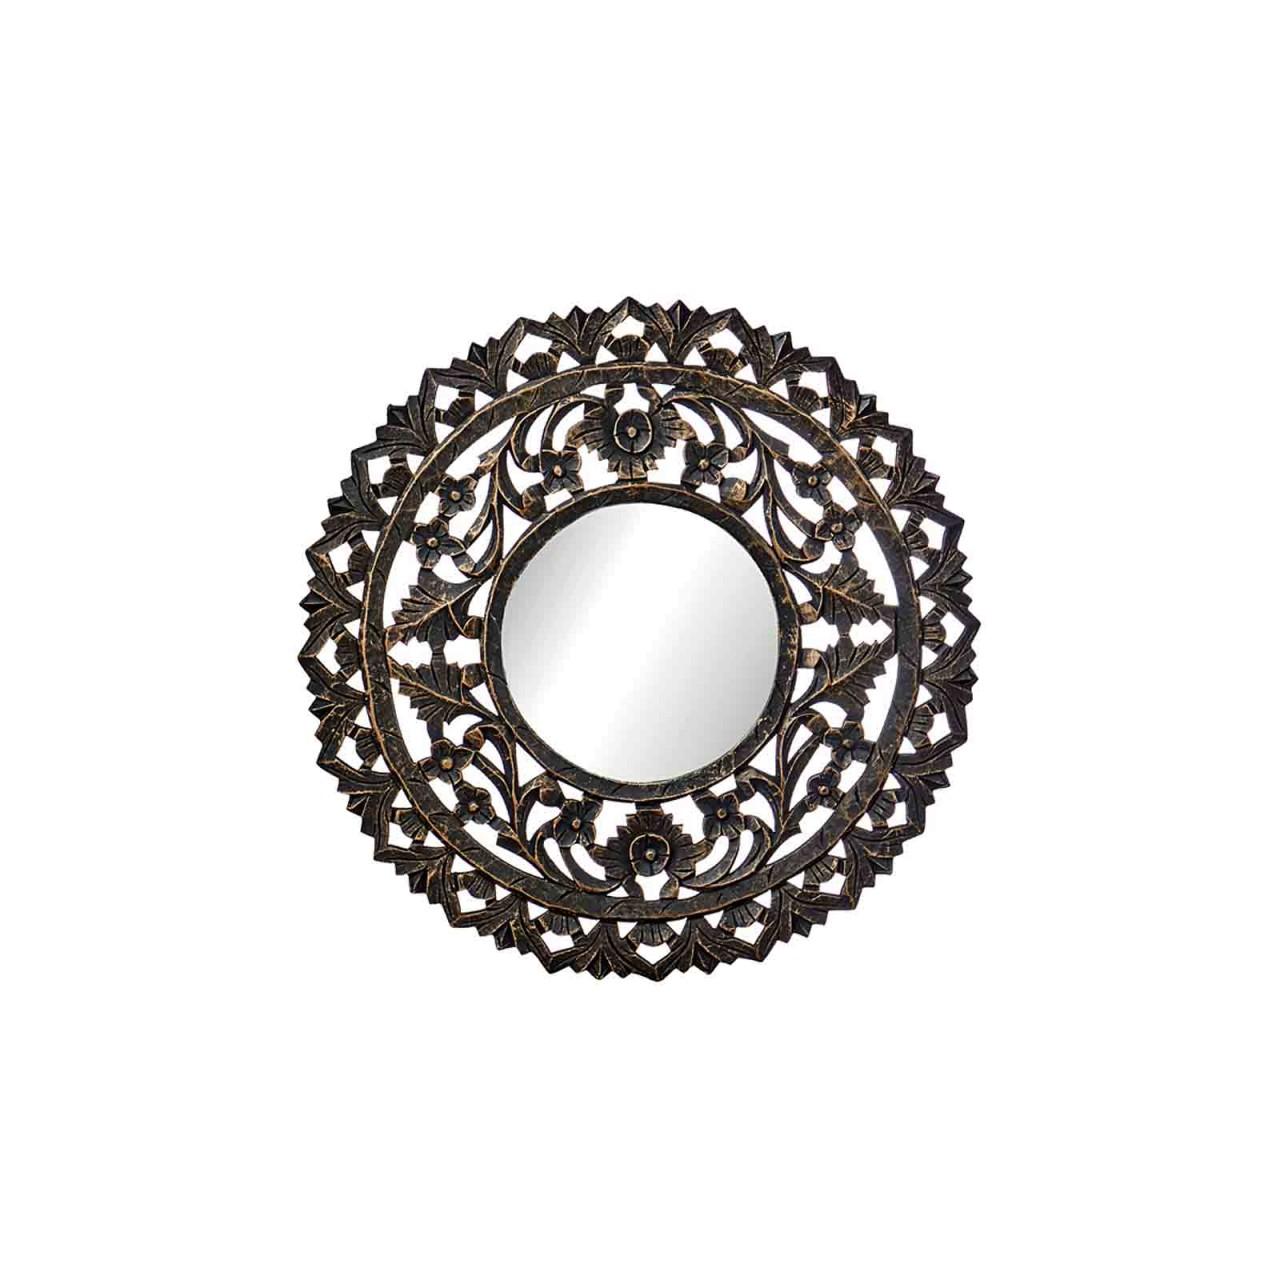 Wandbild-Spiegel / Wanddeko - D 60 cm - Holz MDF schwarz/goldfarben lackiert